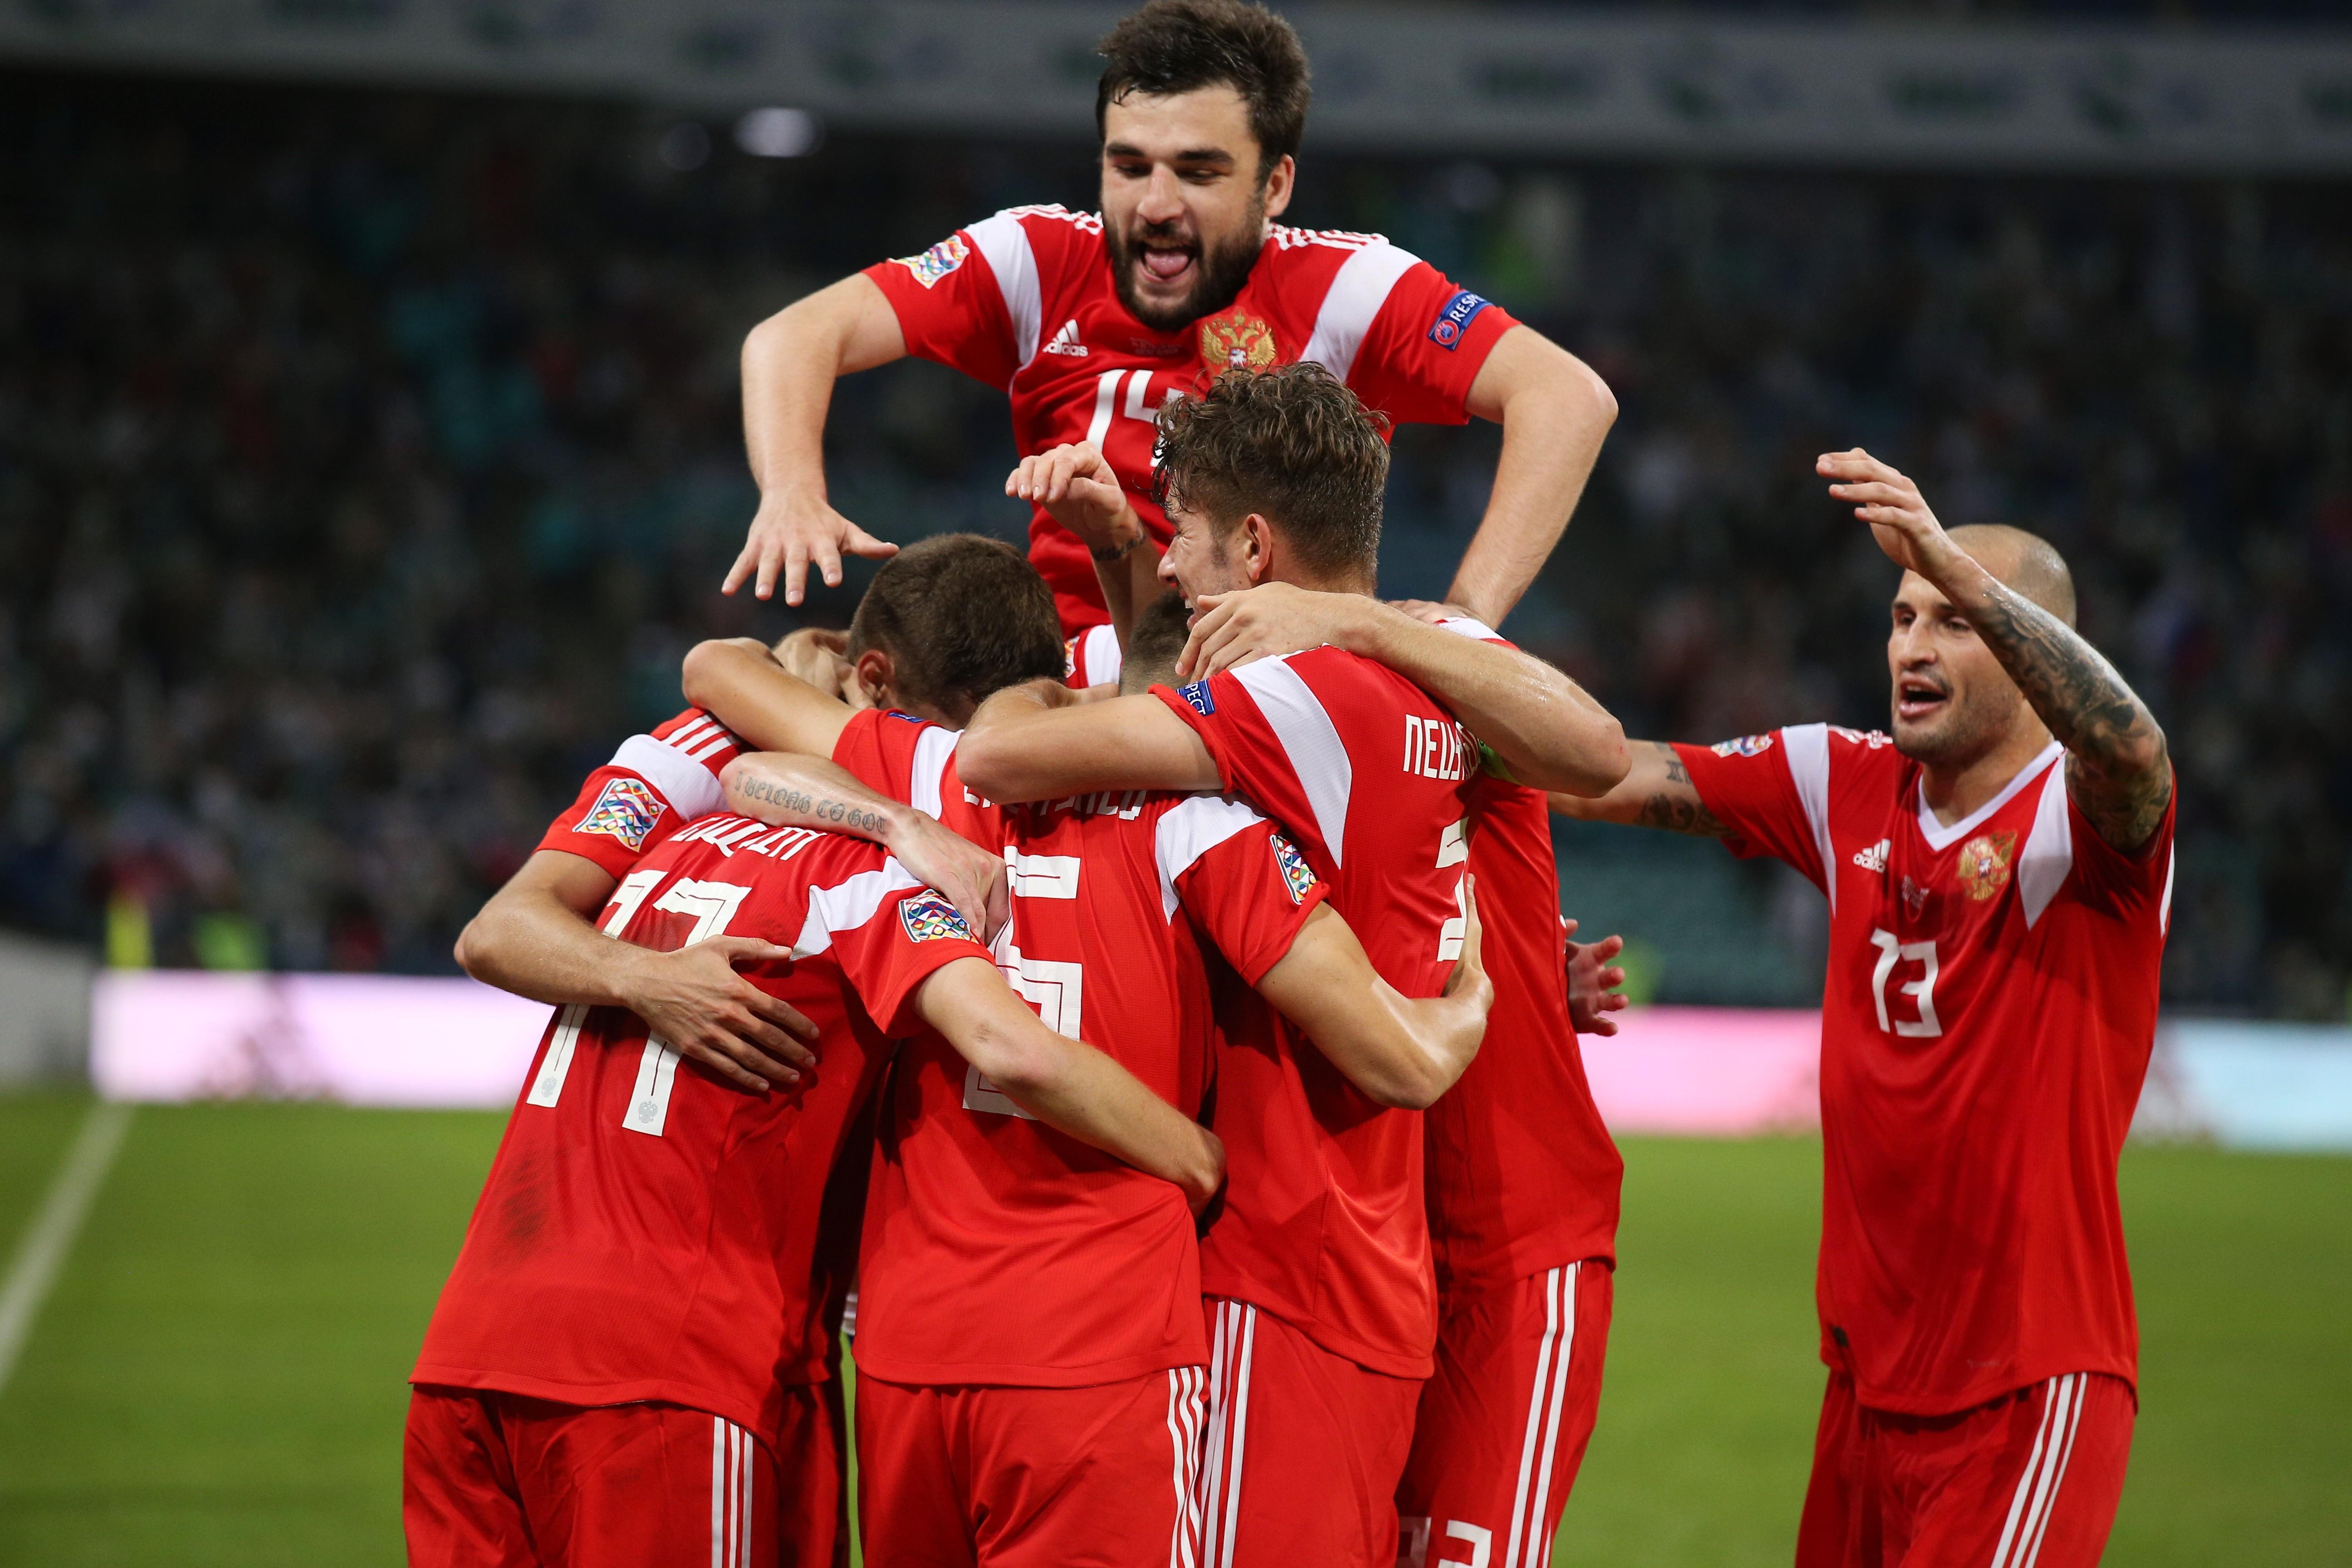 Сборная России празднует второй гол в матче. Фото: © РИА Новости / Виталий Тимкив